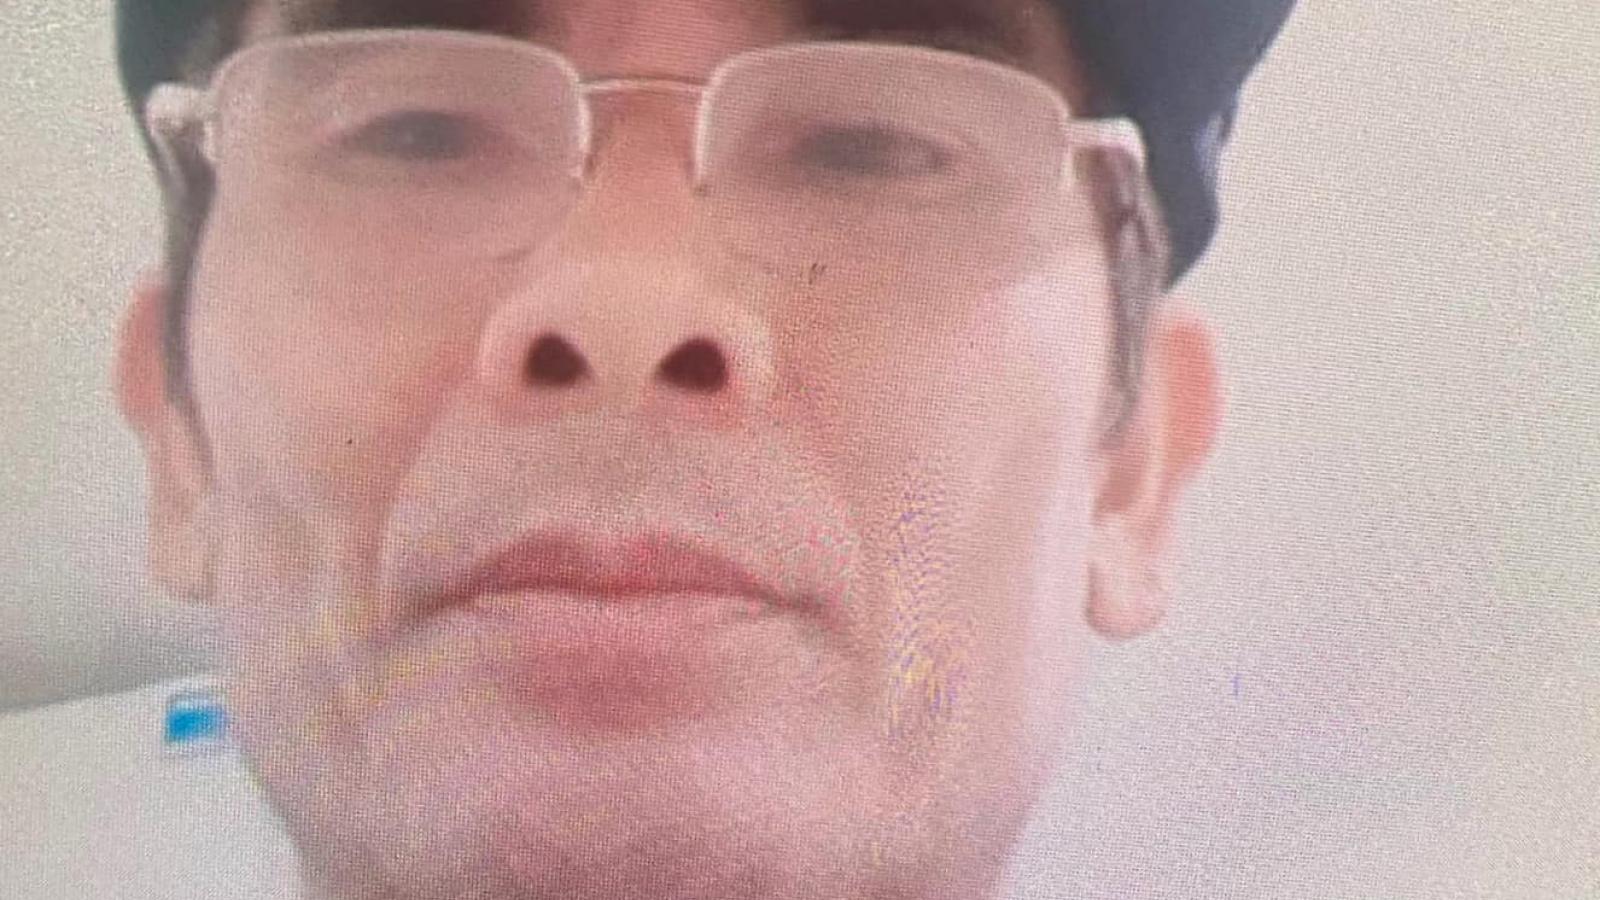 Vụ sát hại 2 người tại Bắc Giang: Do mâu thuẫn từ việc xây cổng nhà?